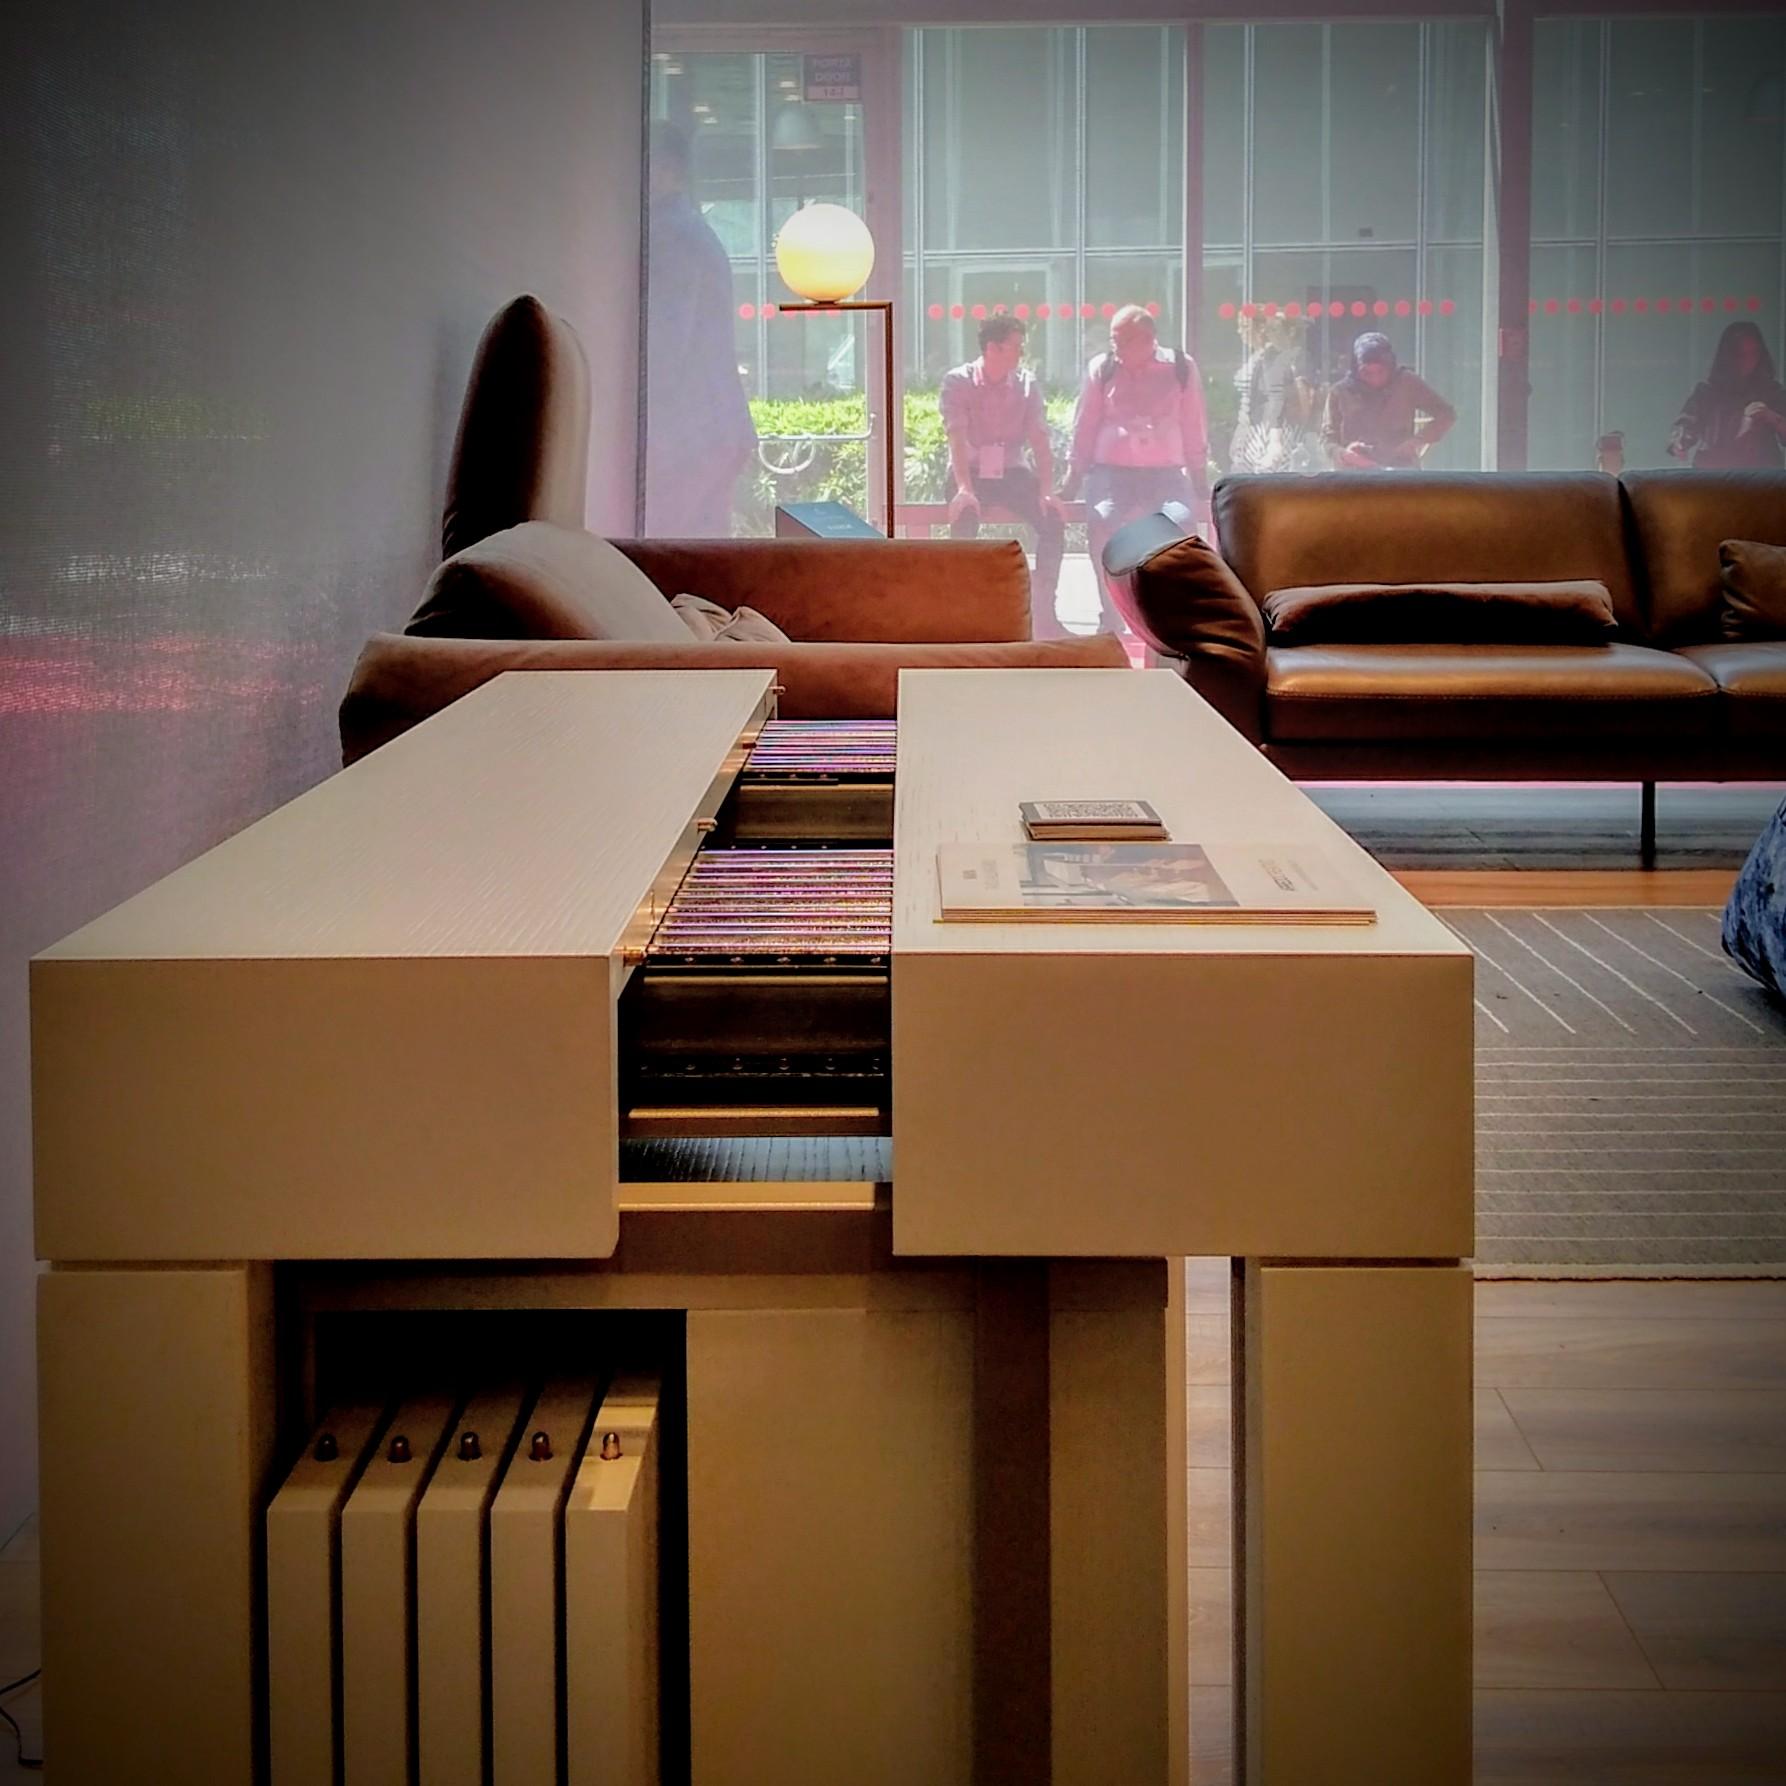 Salone di milano 2018 tavolo consolle arredo creativo for Tavolo salone